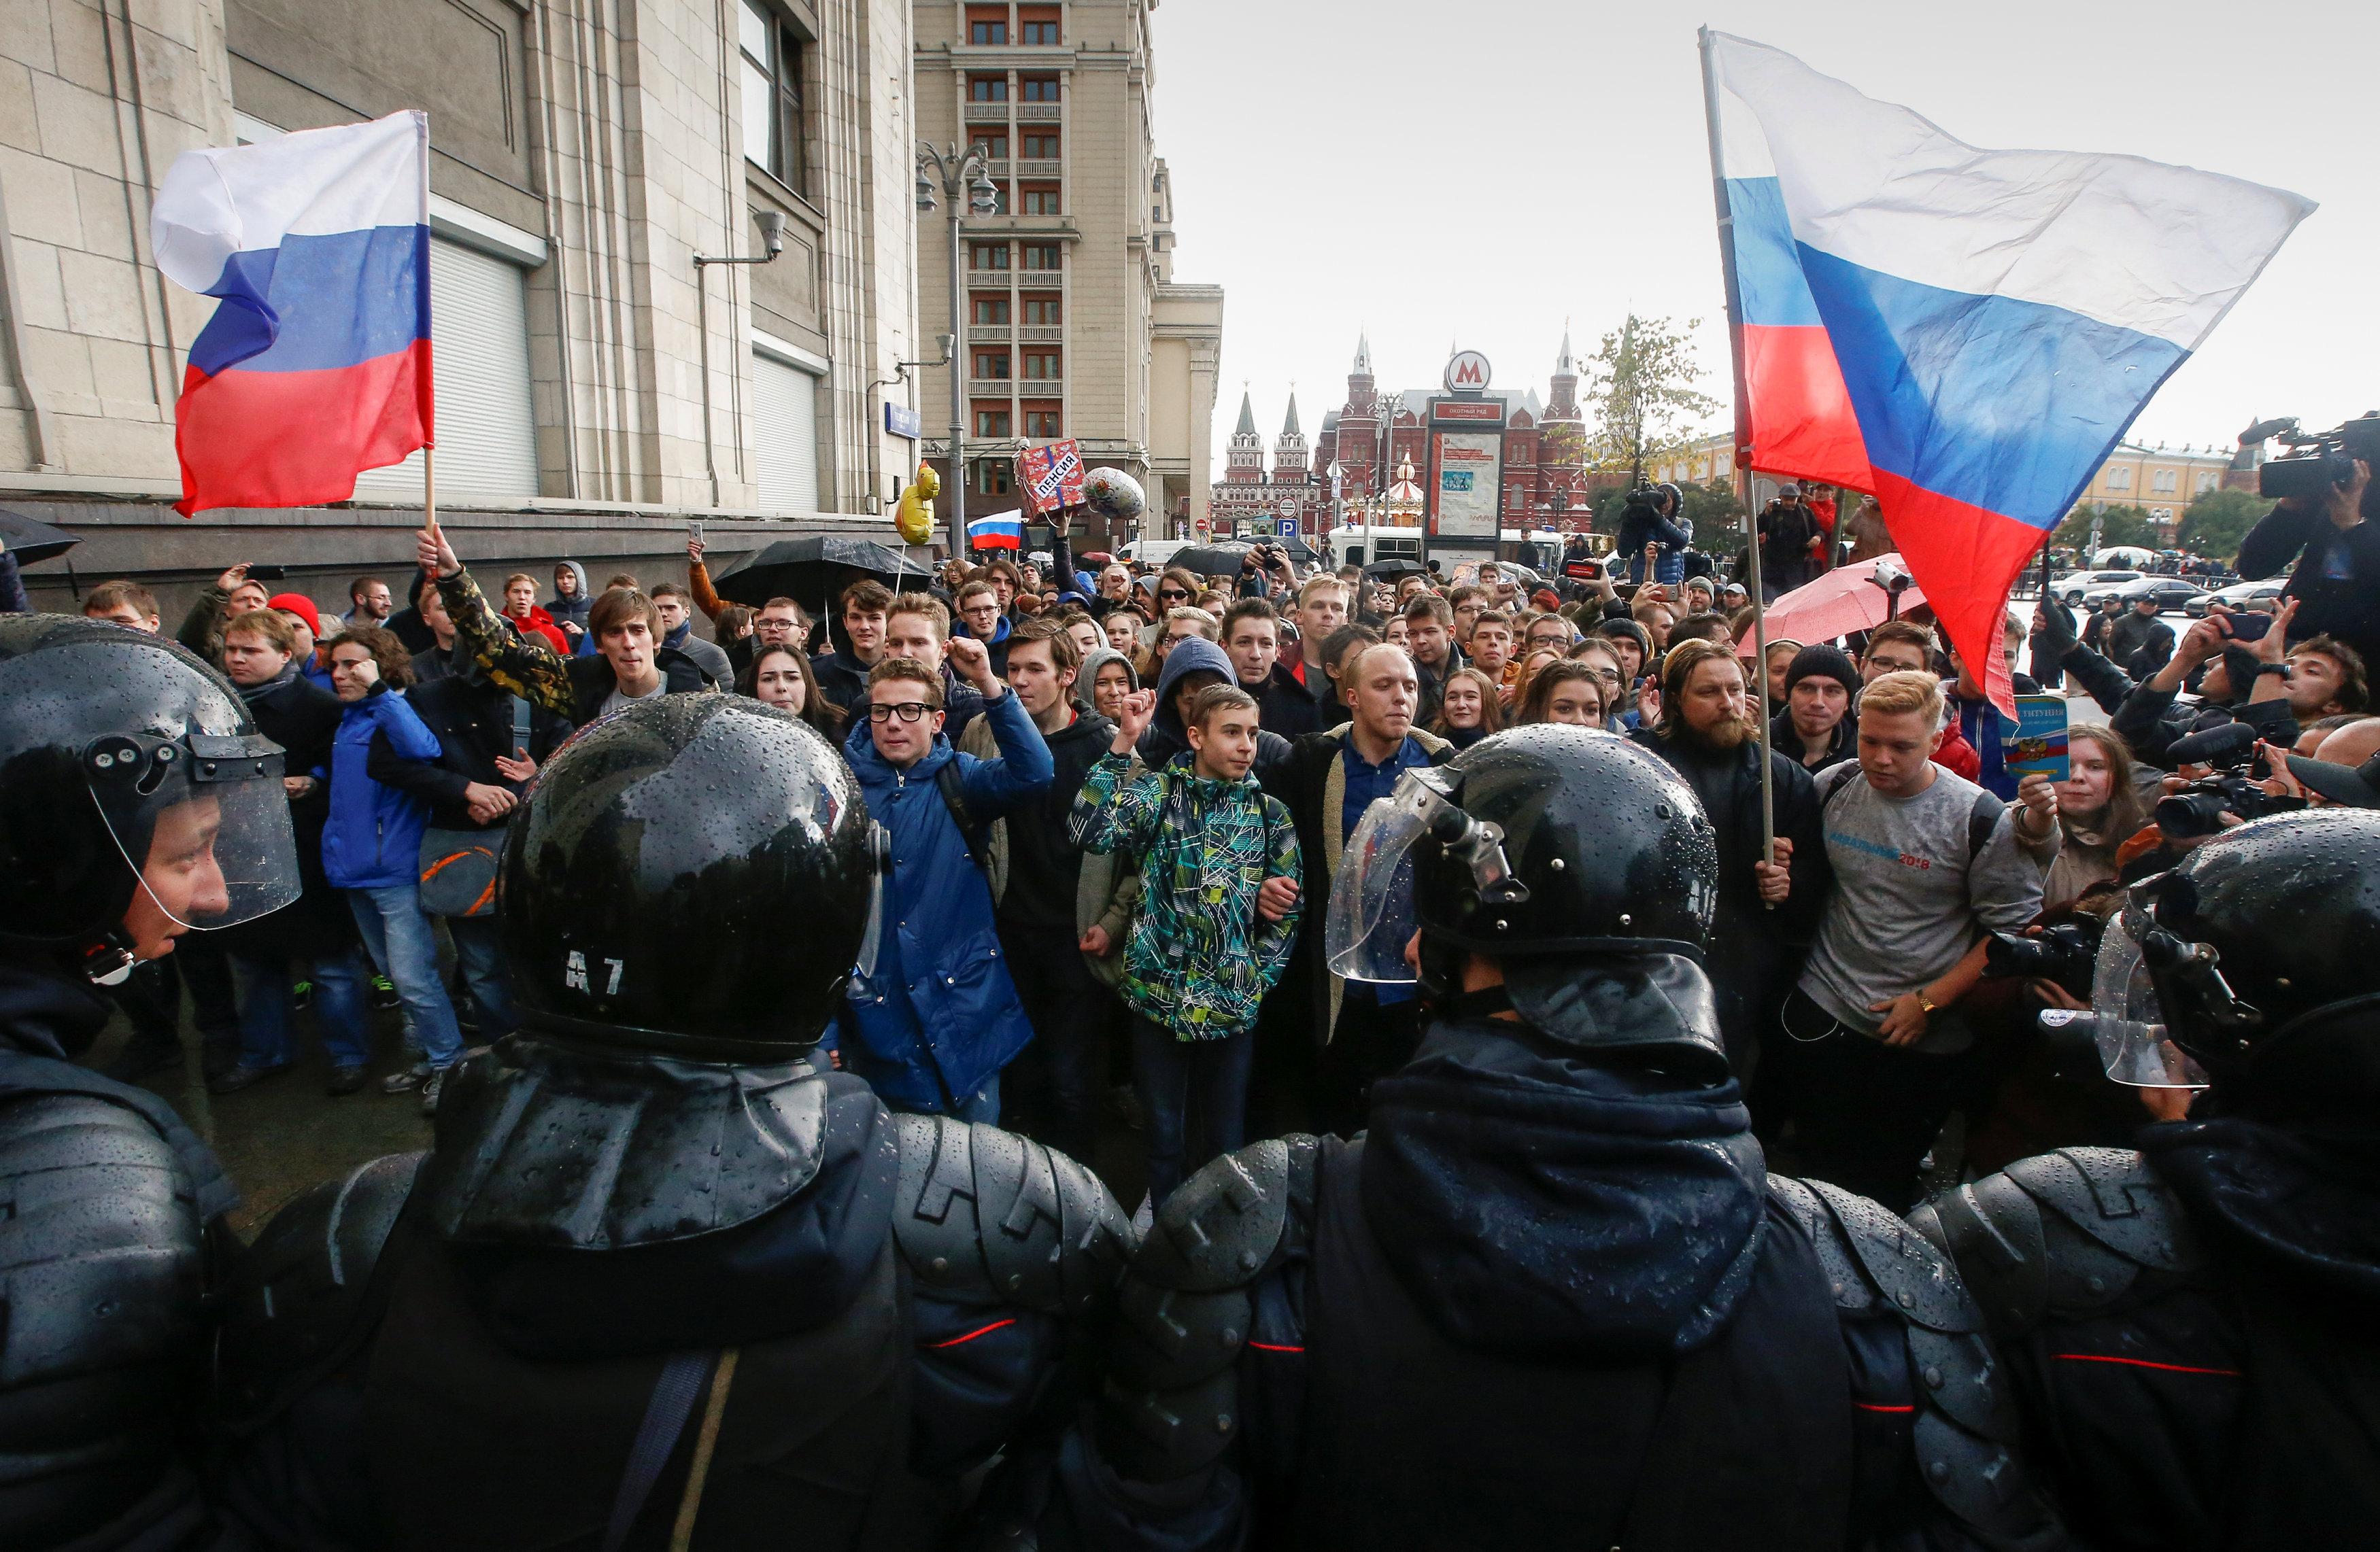 مؤيدو المعارض الروسي و الشرطة